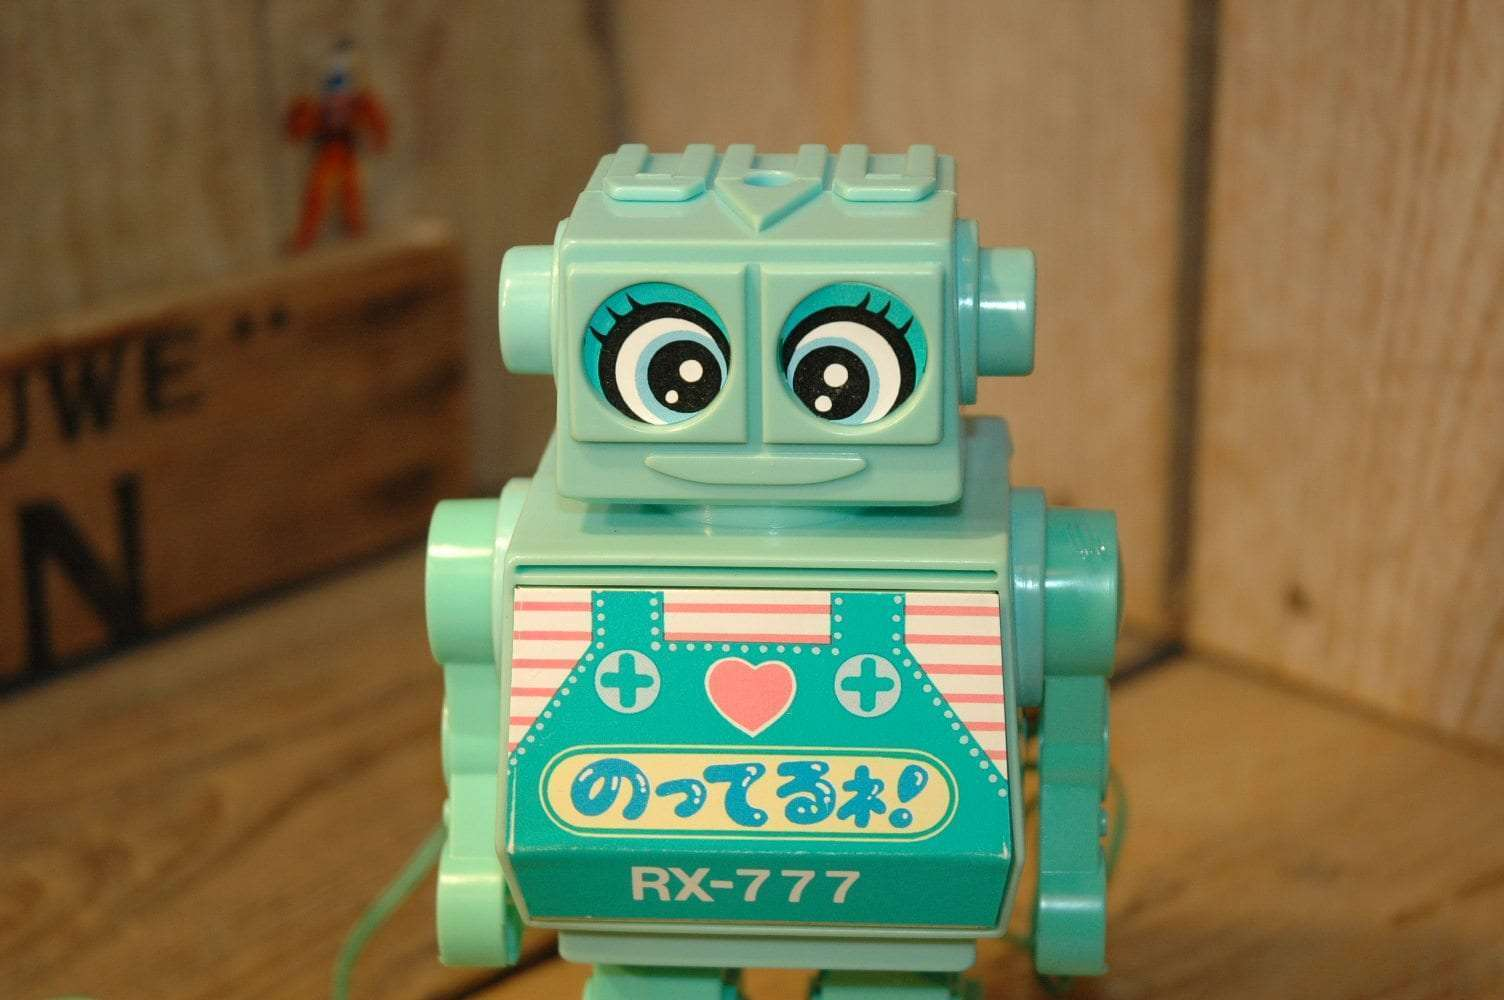 Ohsato - Shopping Robot RX-777